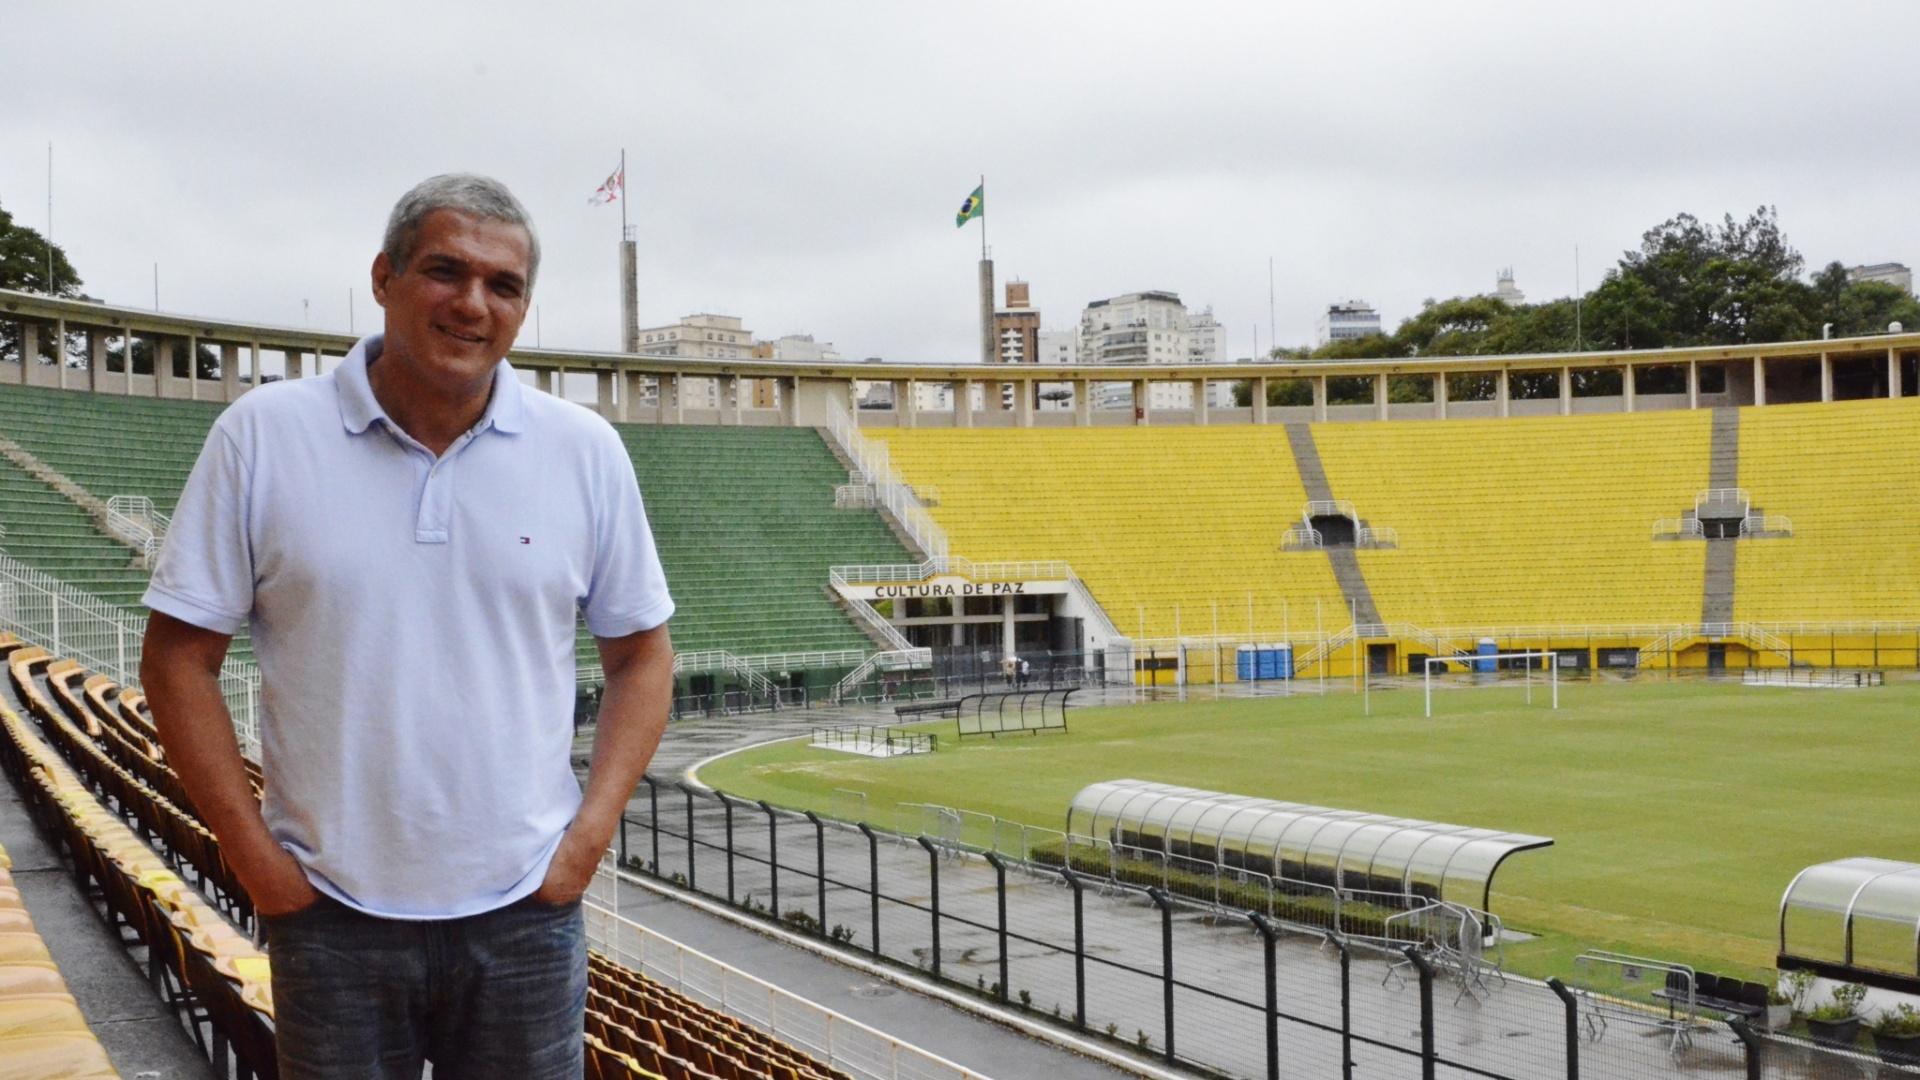 23.12.2014 - O secretário de Esportes, Celso Jatene, afirma que o Pacaembu não está em liquidação